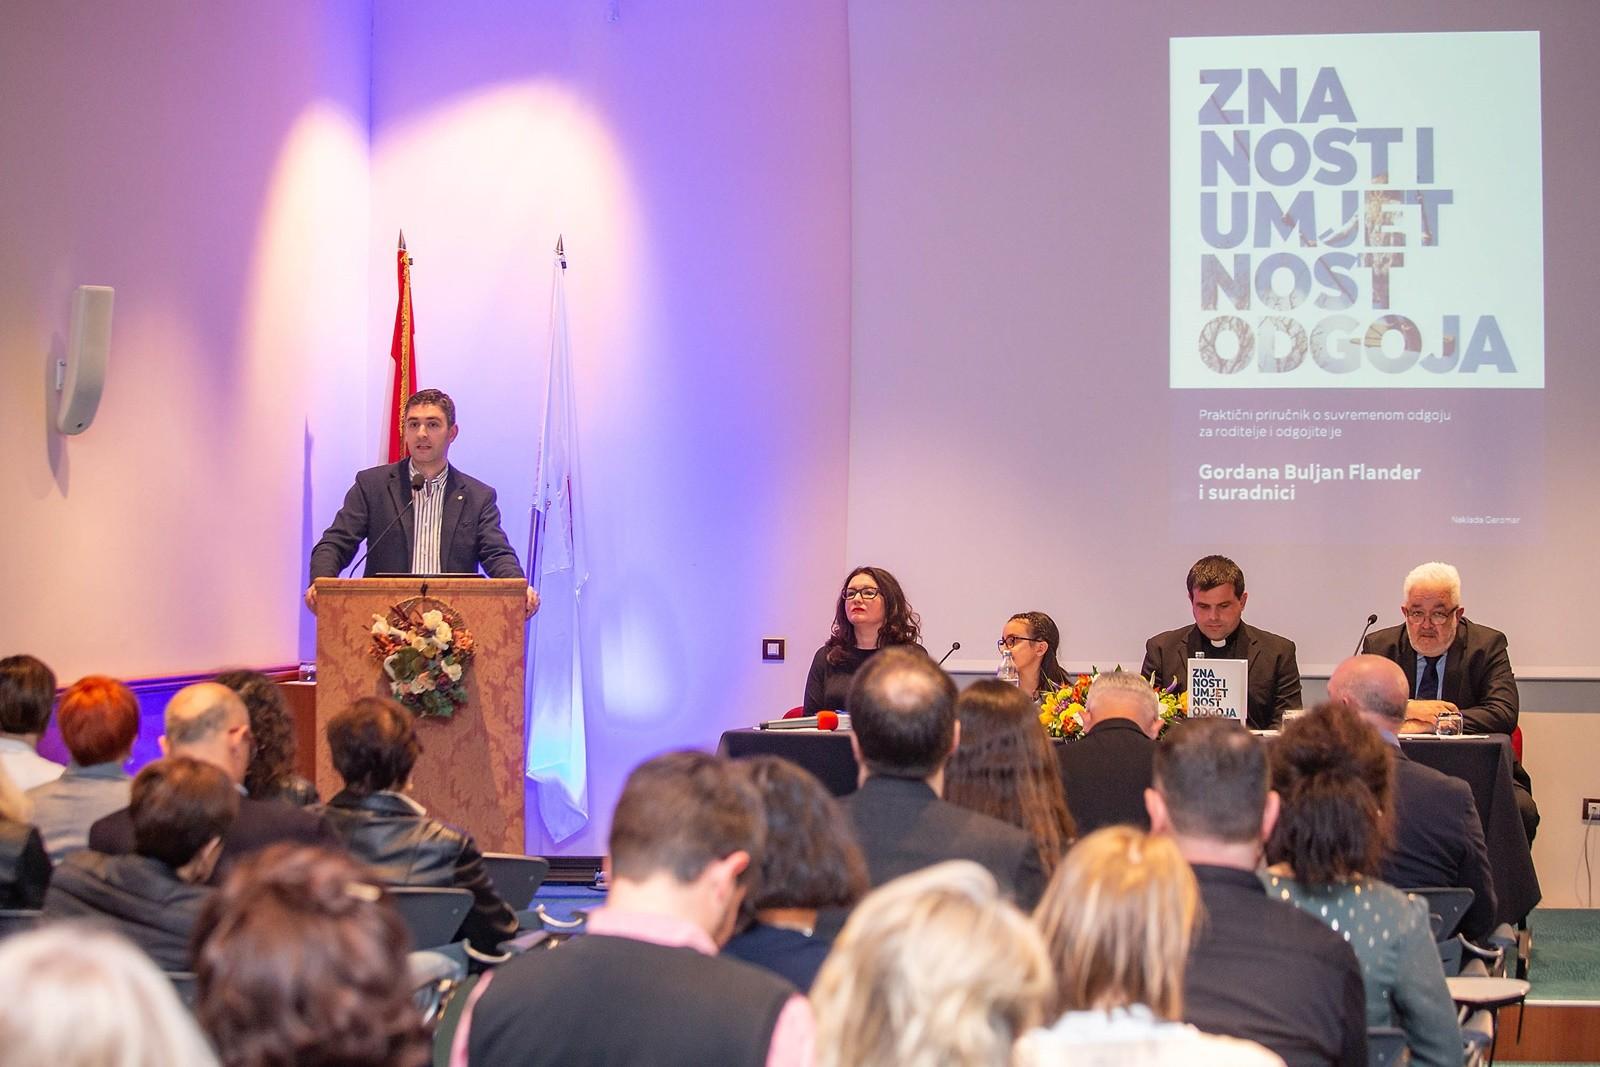 Gradonačelnik Franković na promociji knjige o suvremenom odgoju